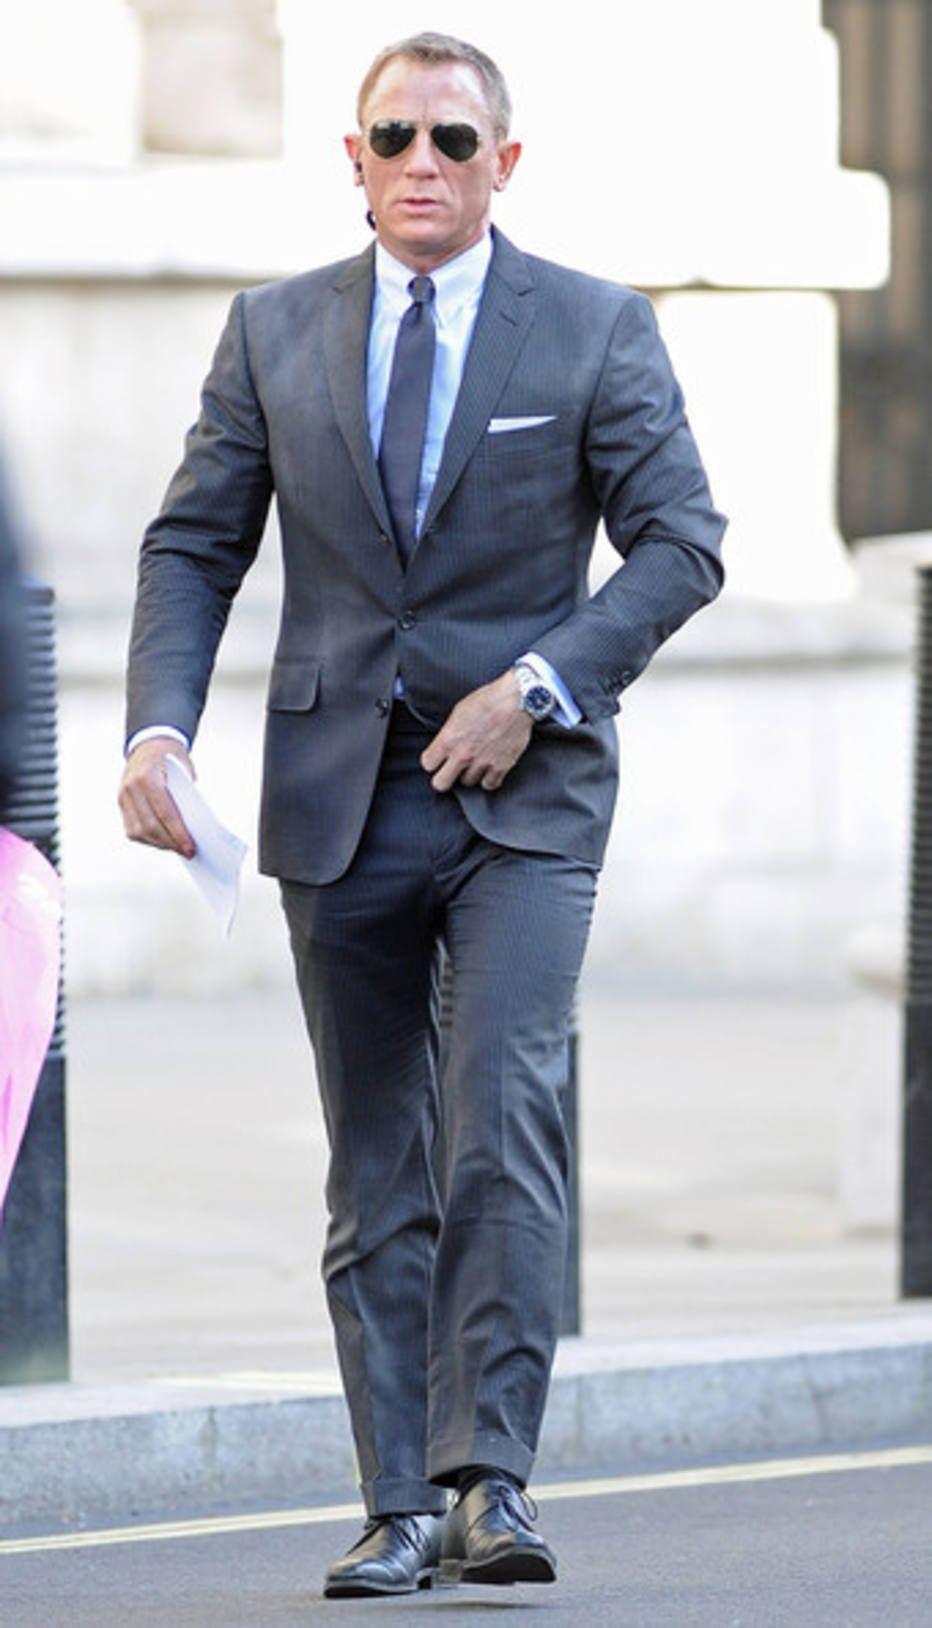 9962d97f2c4 Reprodução - Os ternos de Tom Ford para Daniel Craig são bem ajustados